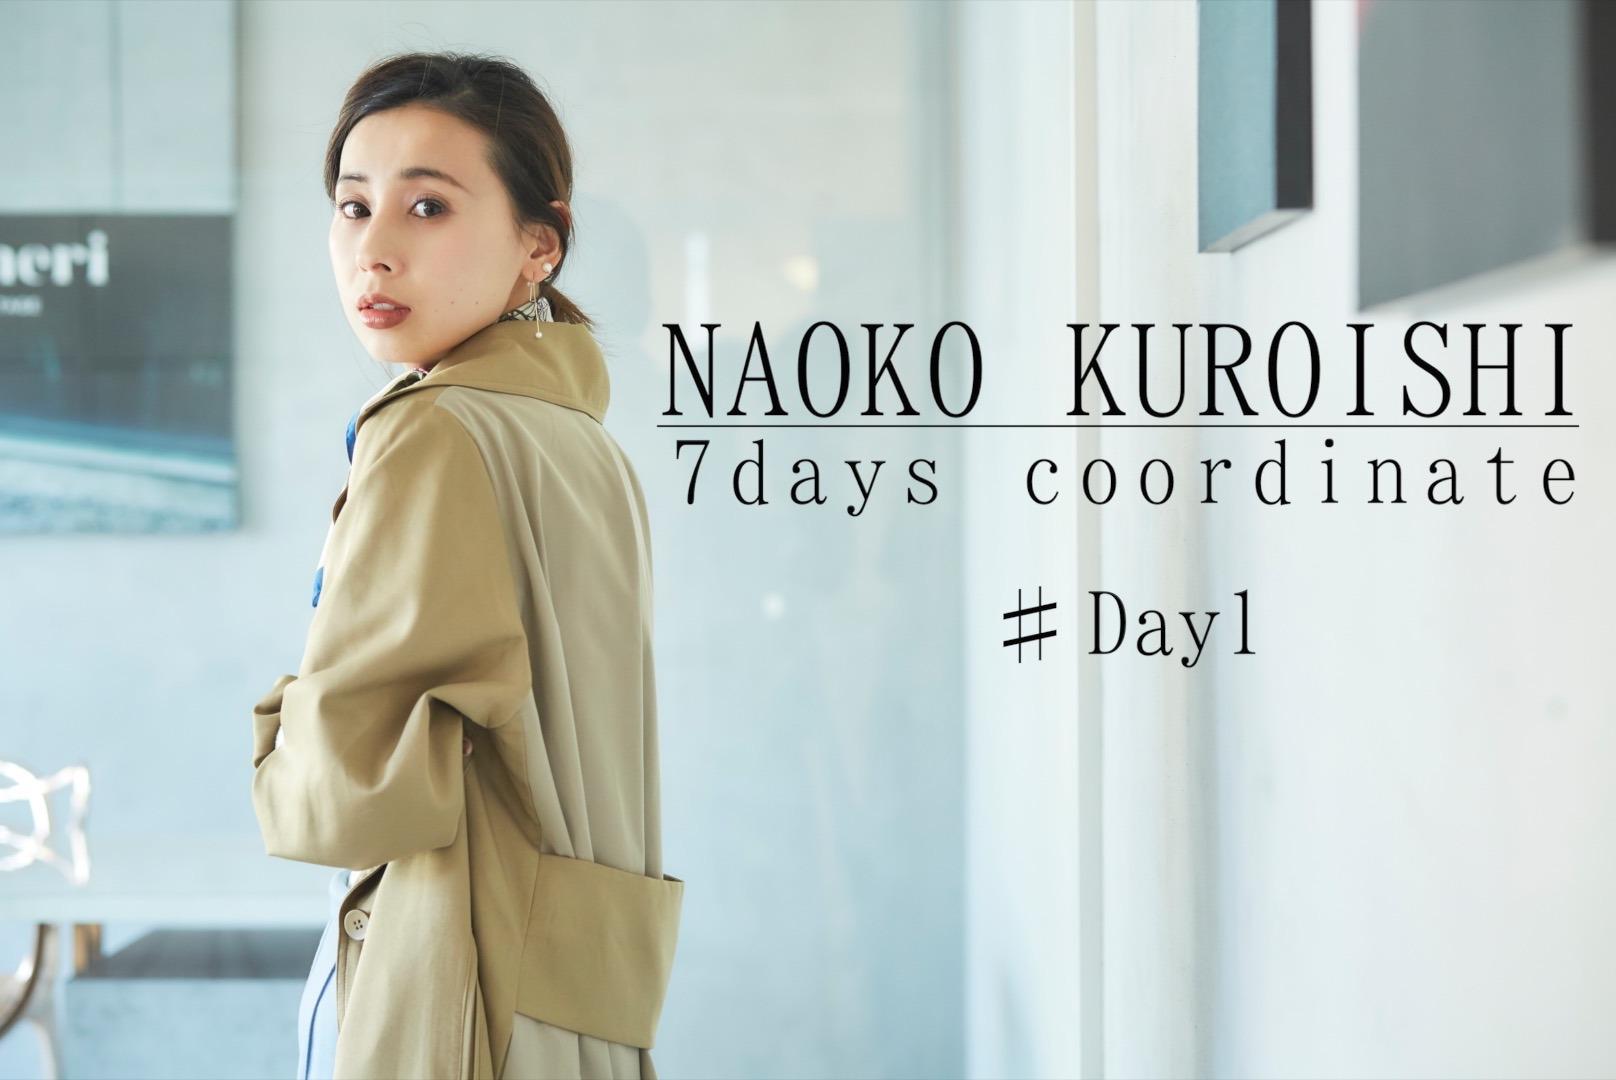 トレンチこそこだわりのデザインで/黒石奈央子さんの7days coordinate ♯Day1